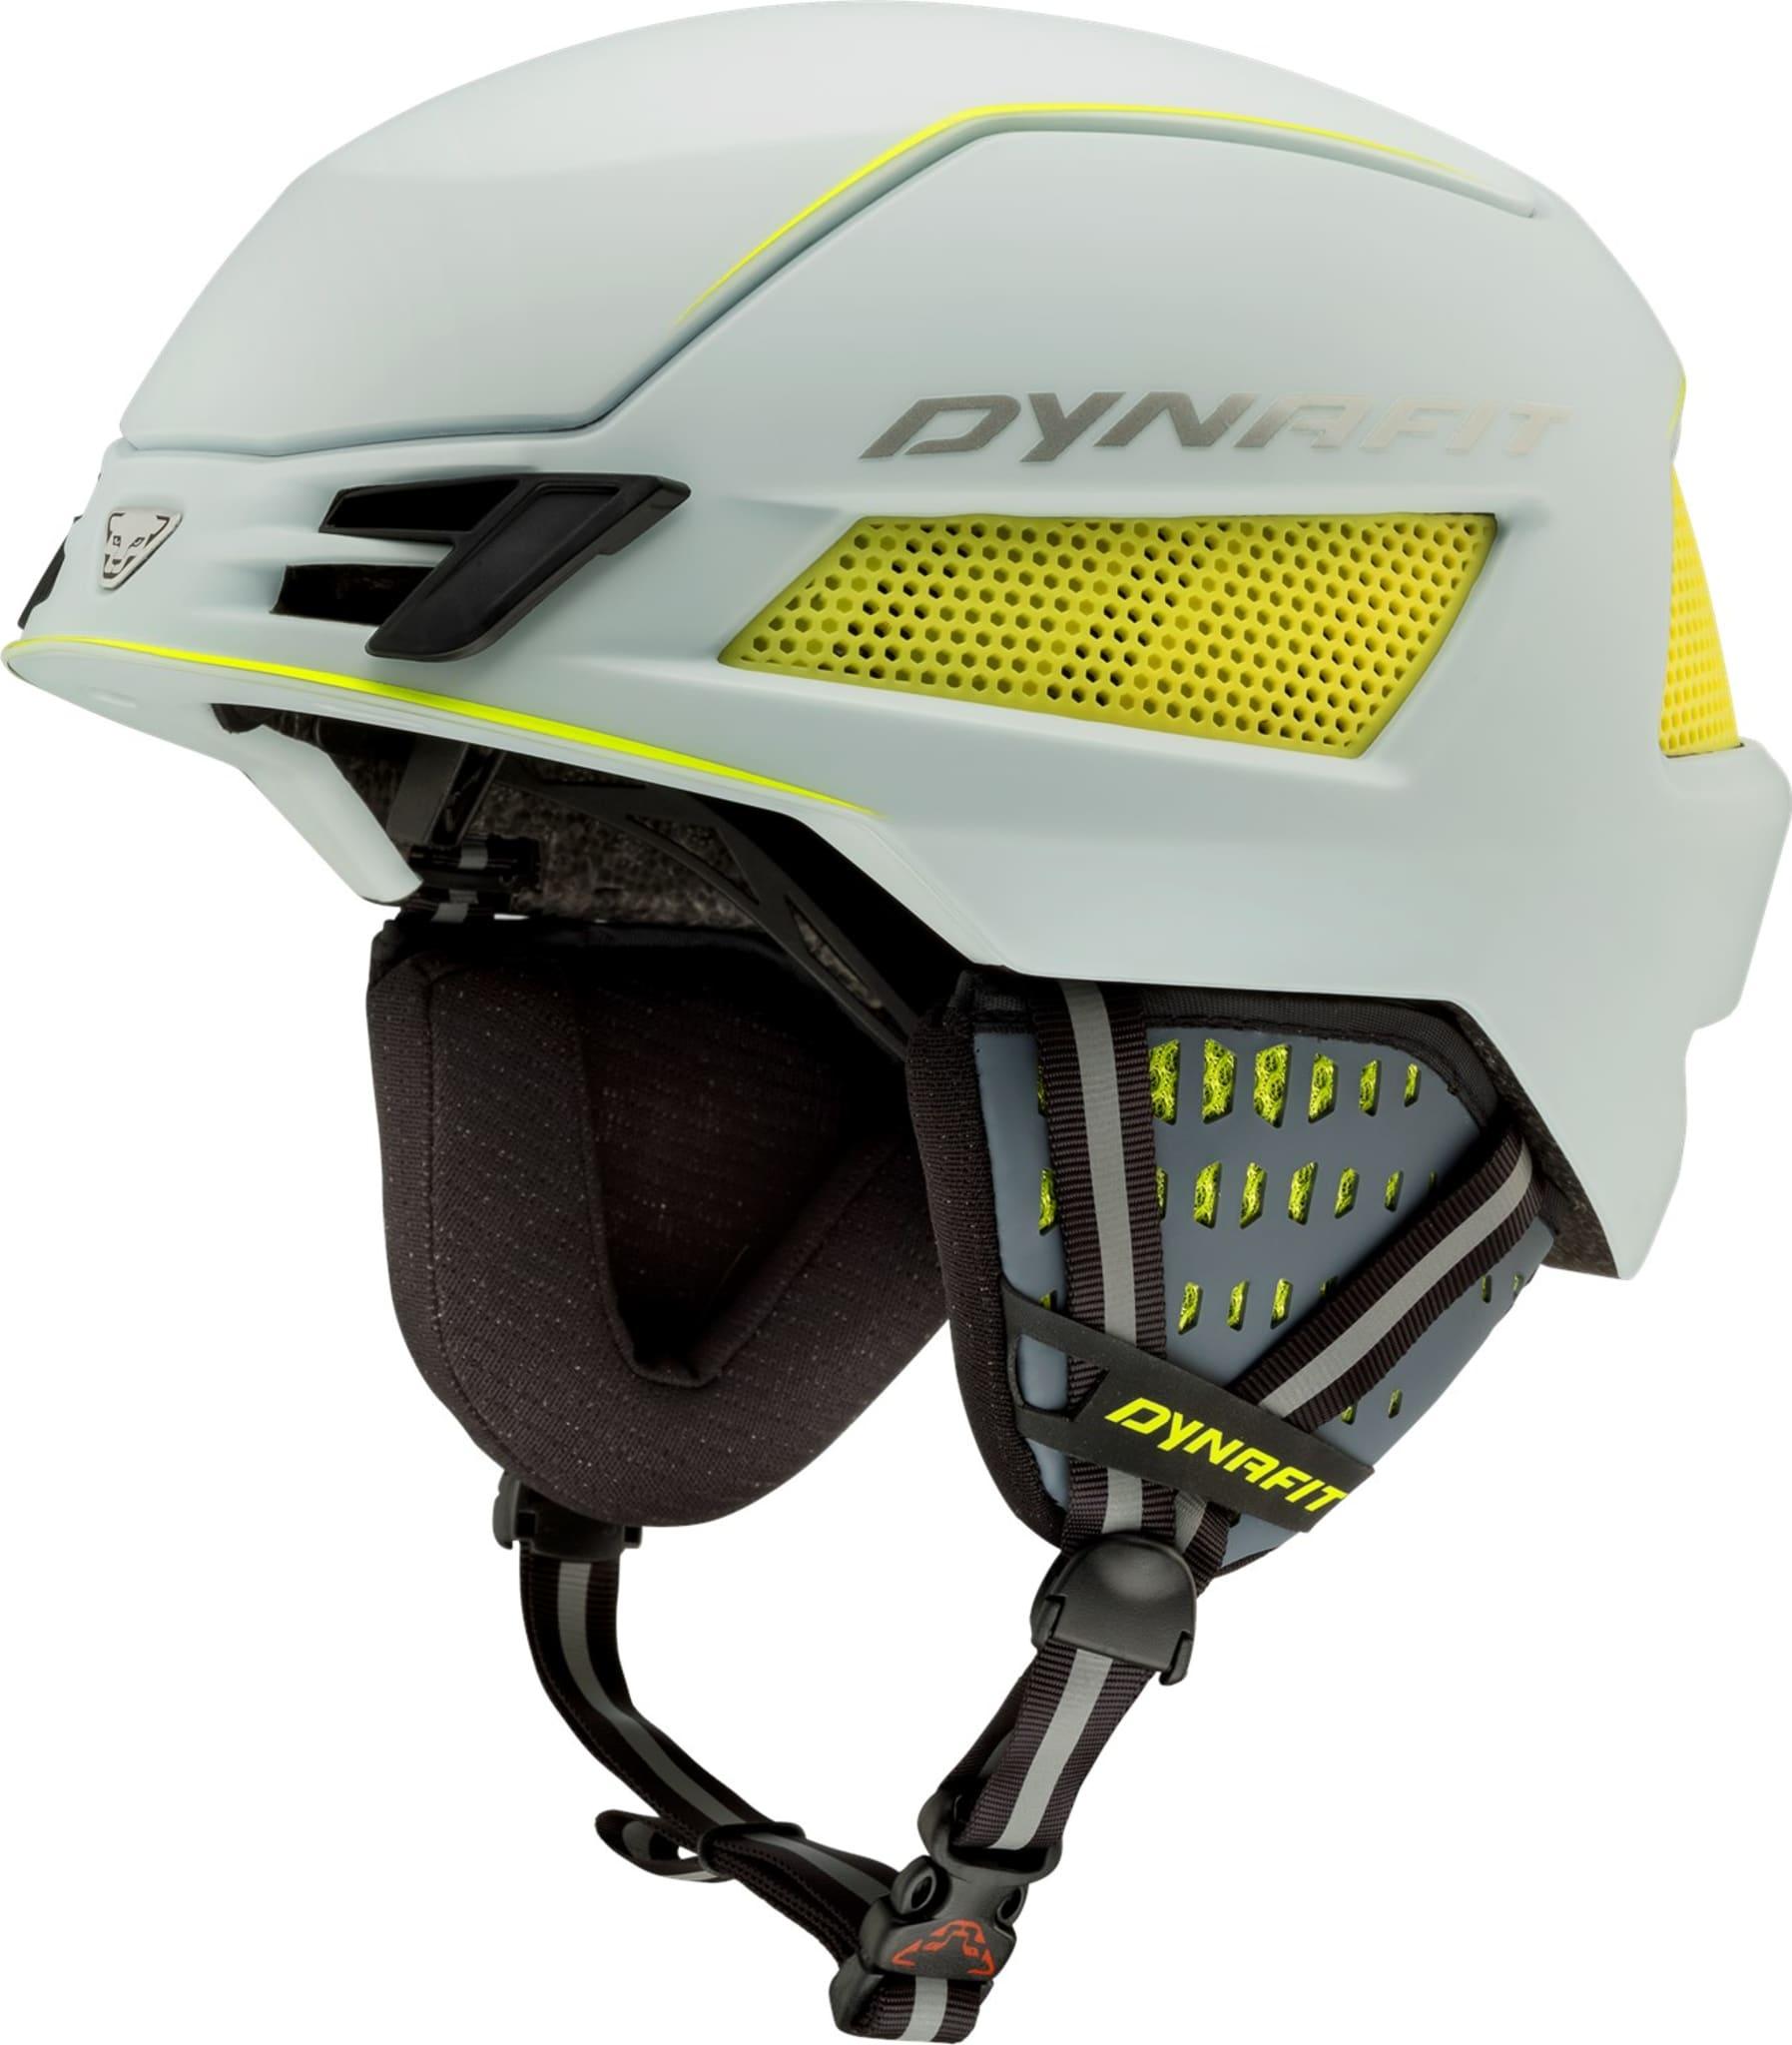 Hjelm sertifisert til både ski og klatring